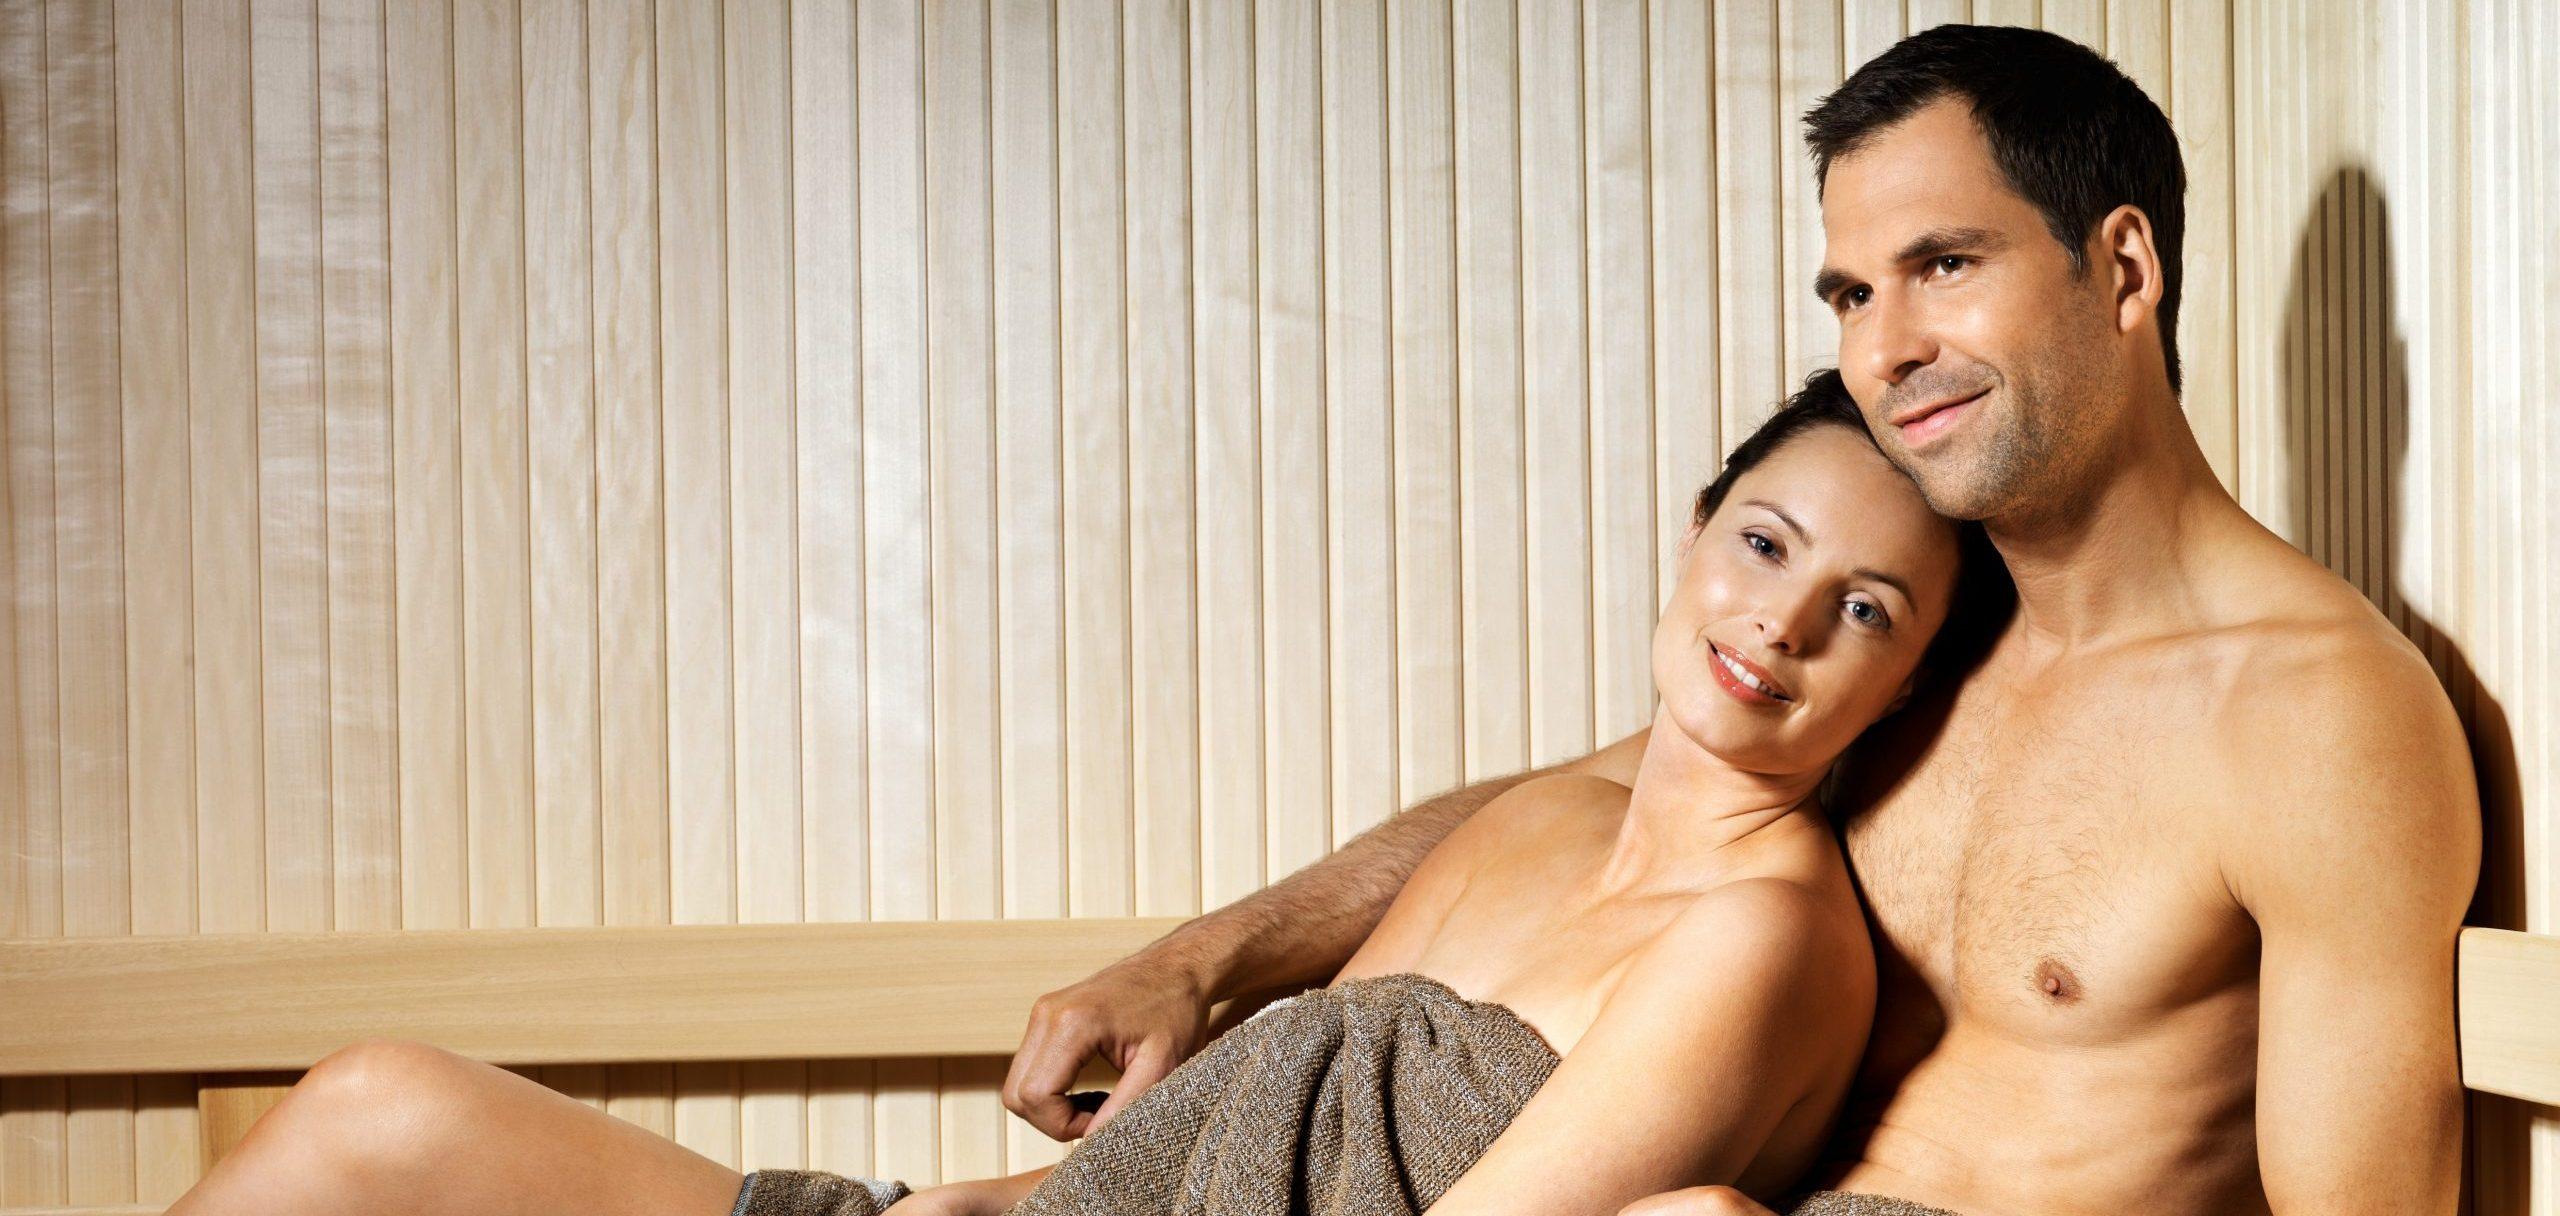 Steamy Valentine's Day Present: A Sauna